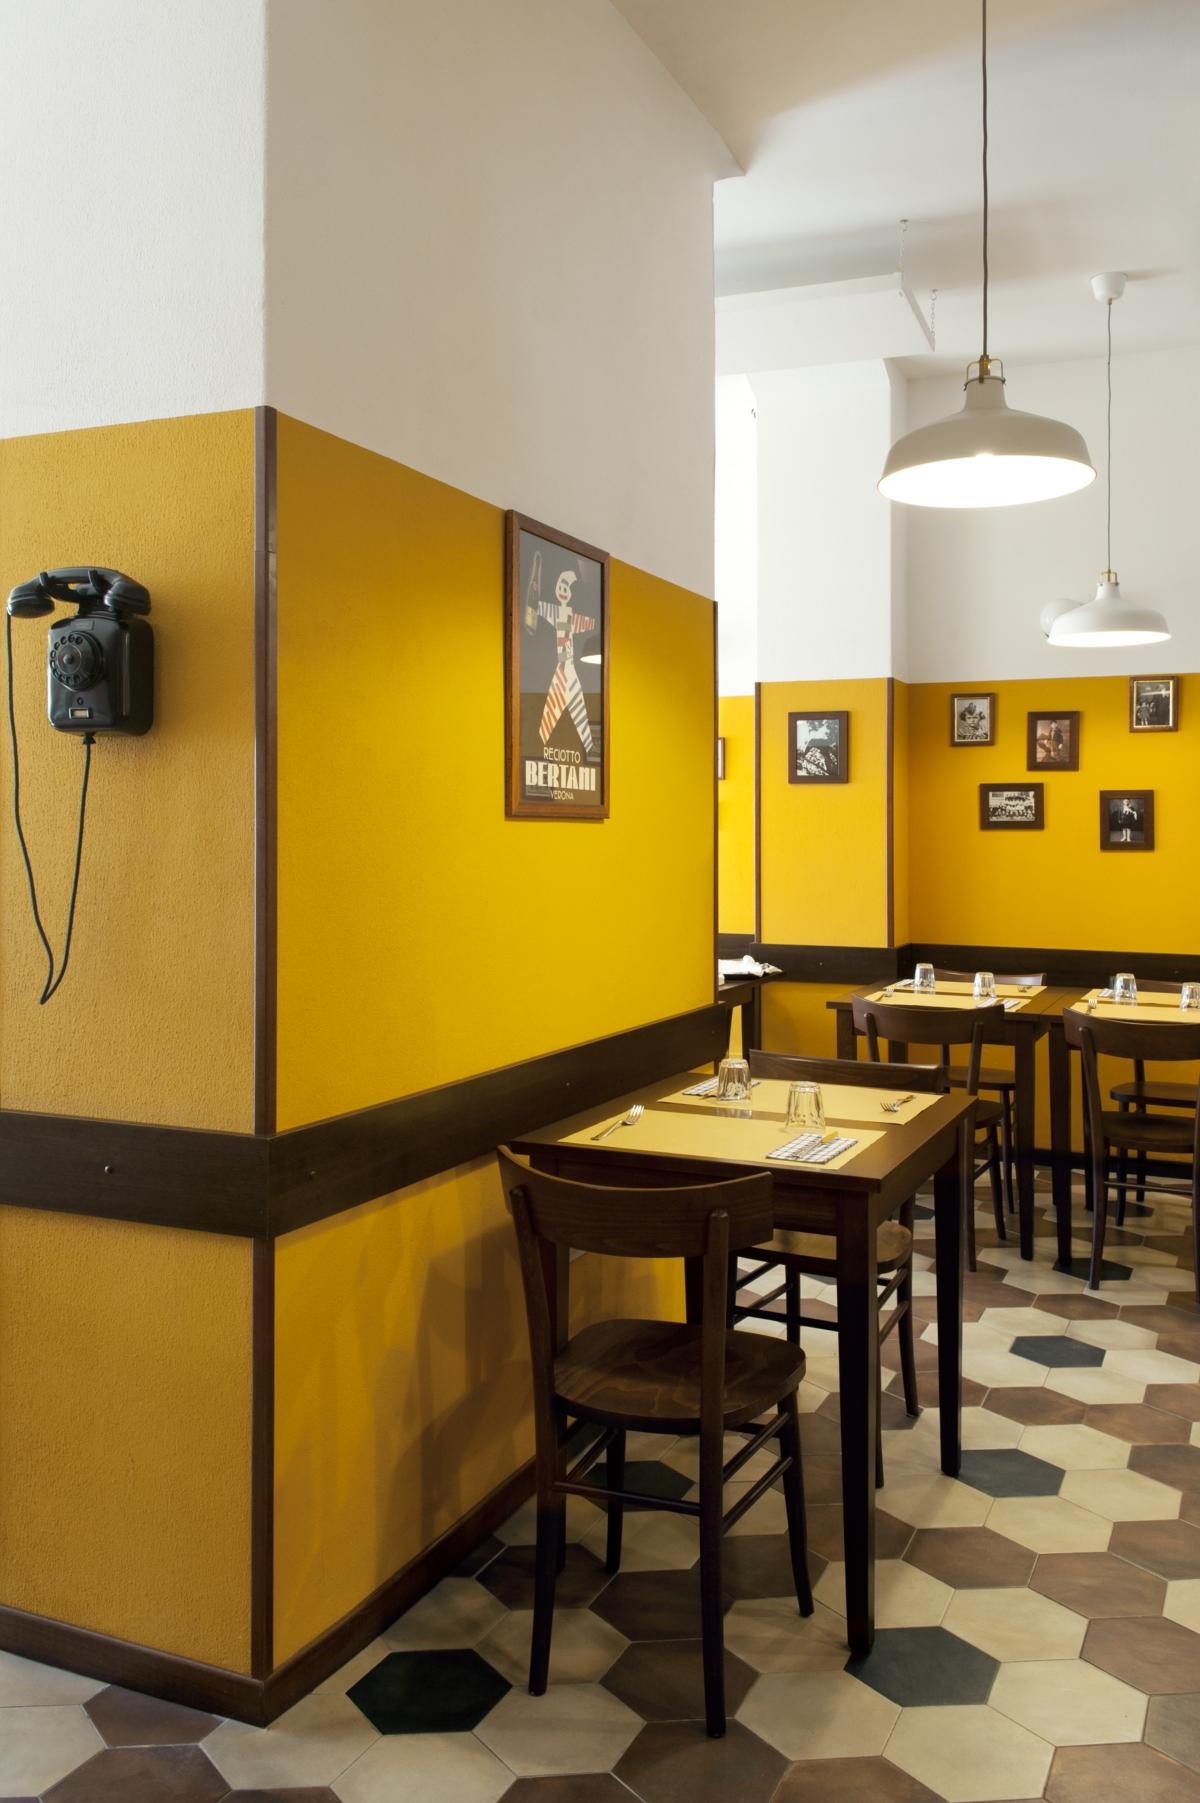 Illuminazione Design Milano: Illuminazione pubblica milano faem a led ...